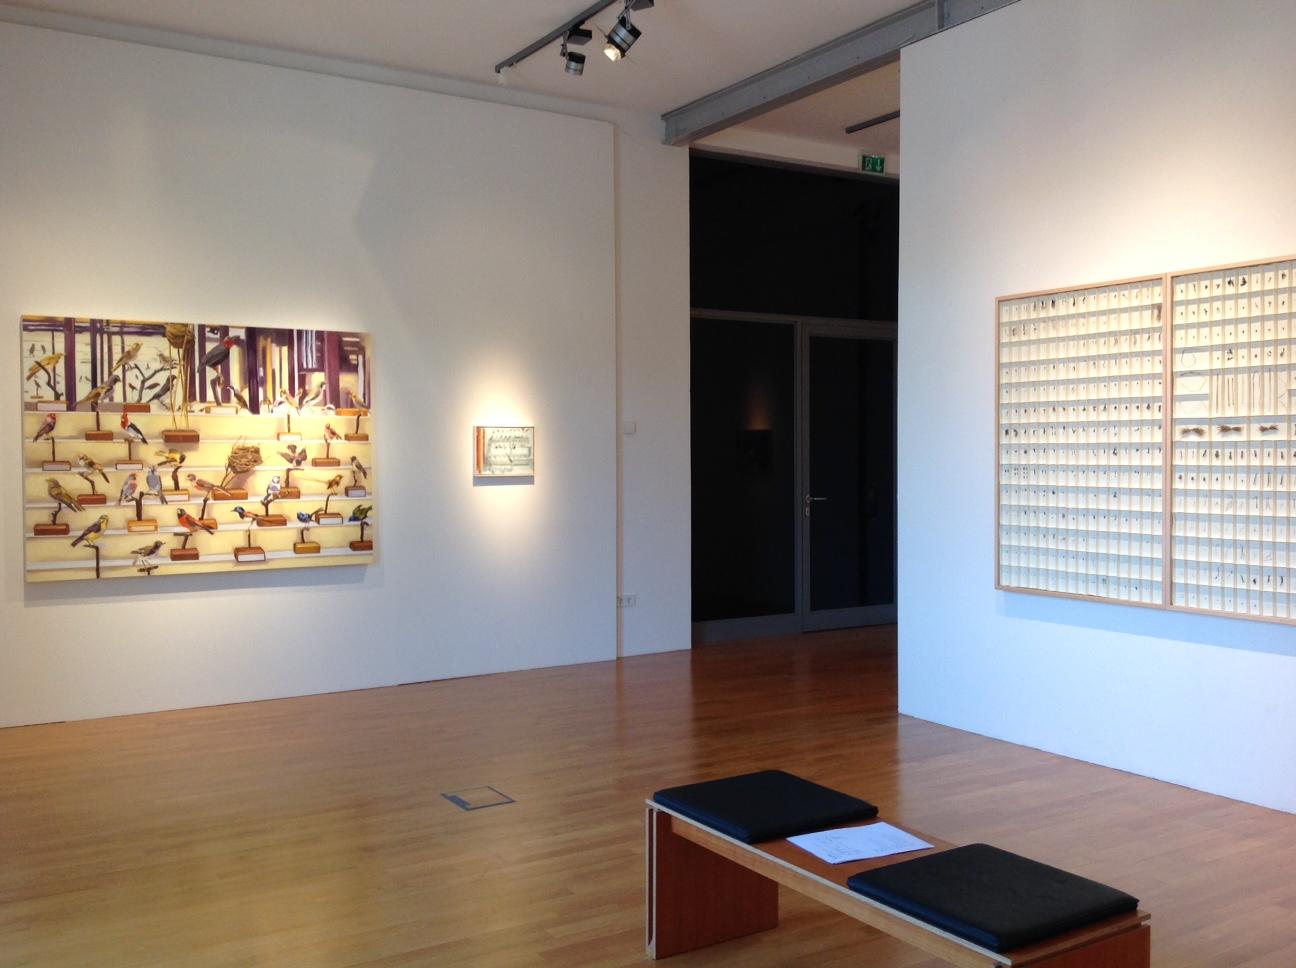 Mewo Kunsthalle Memmingen: Artefakte, 2014